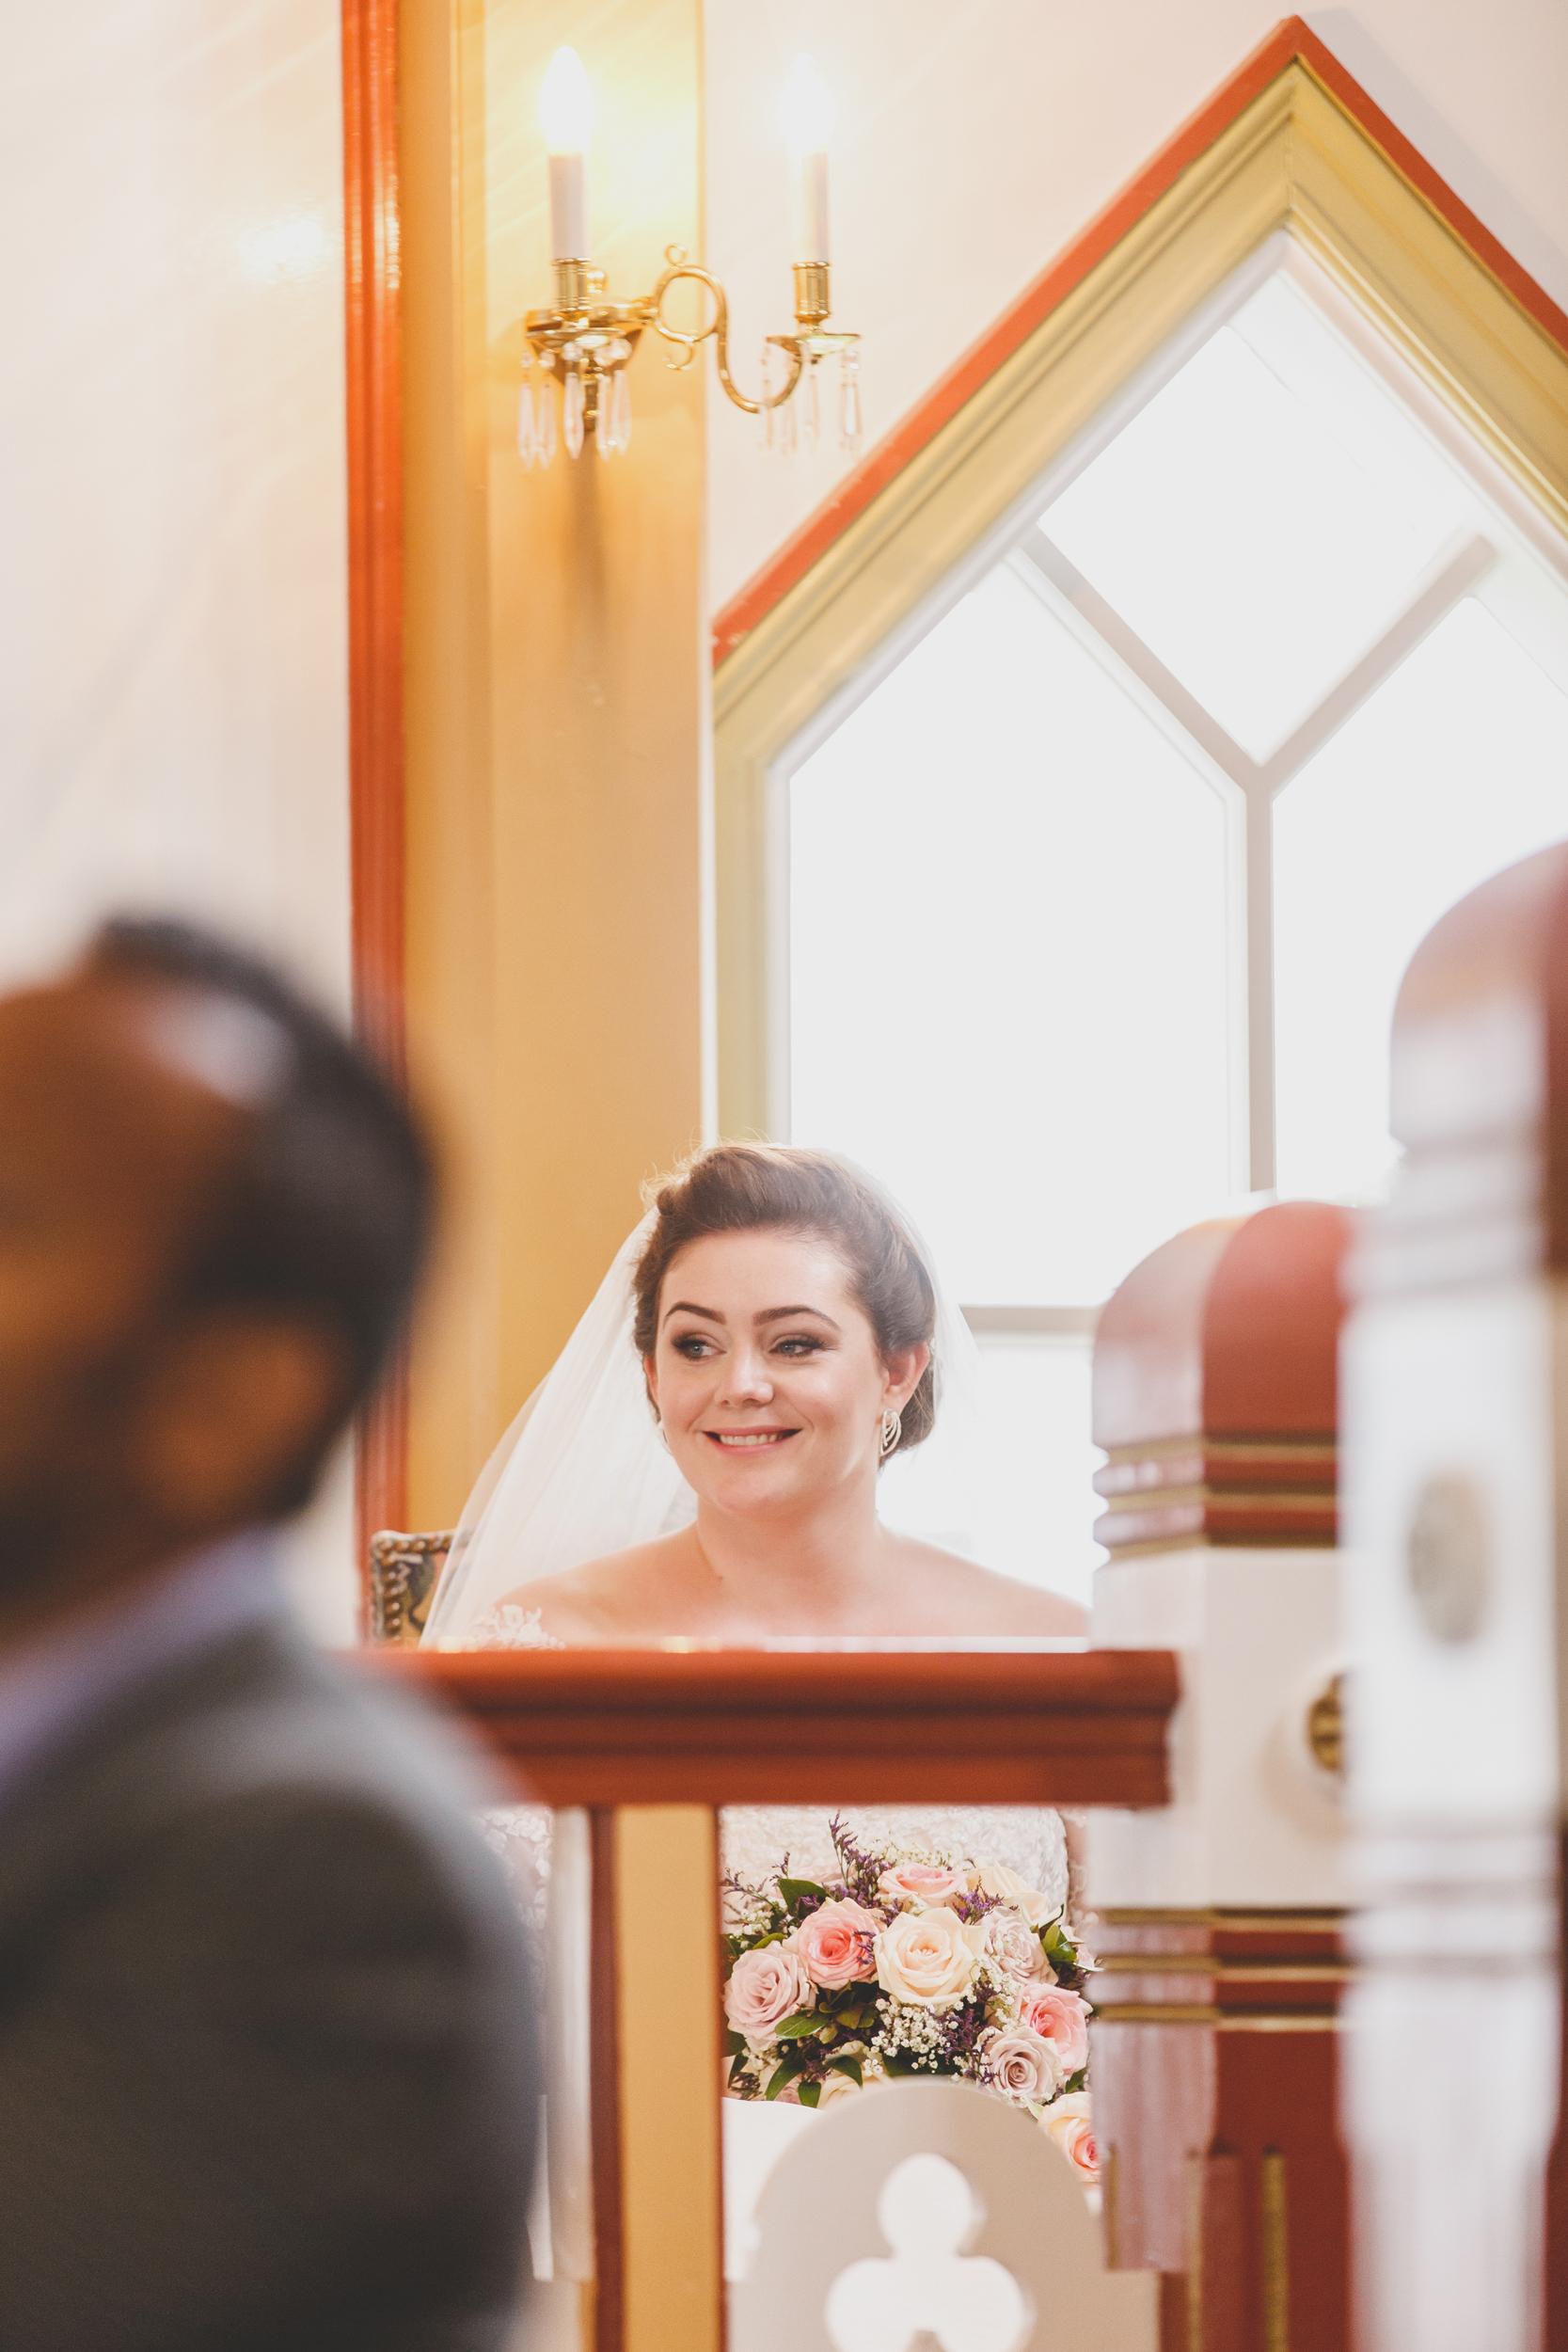 Brudkaup01-062.jpg